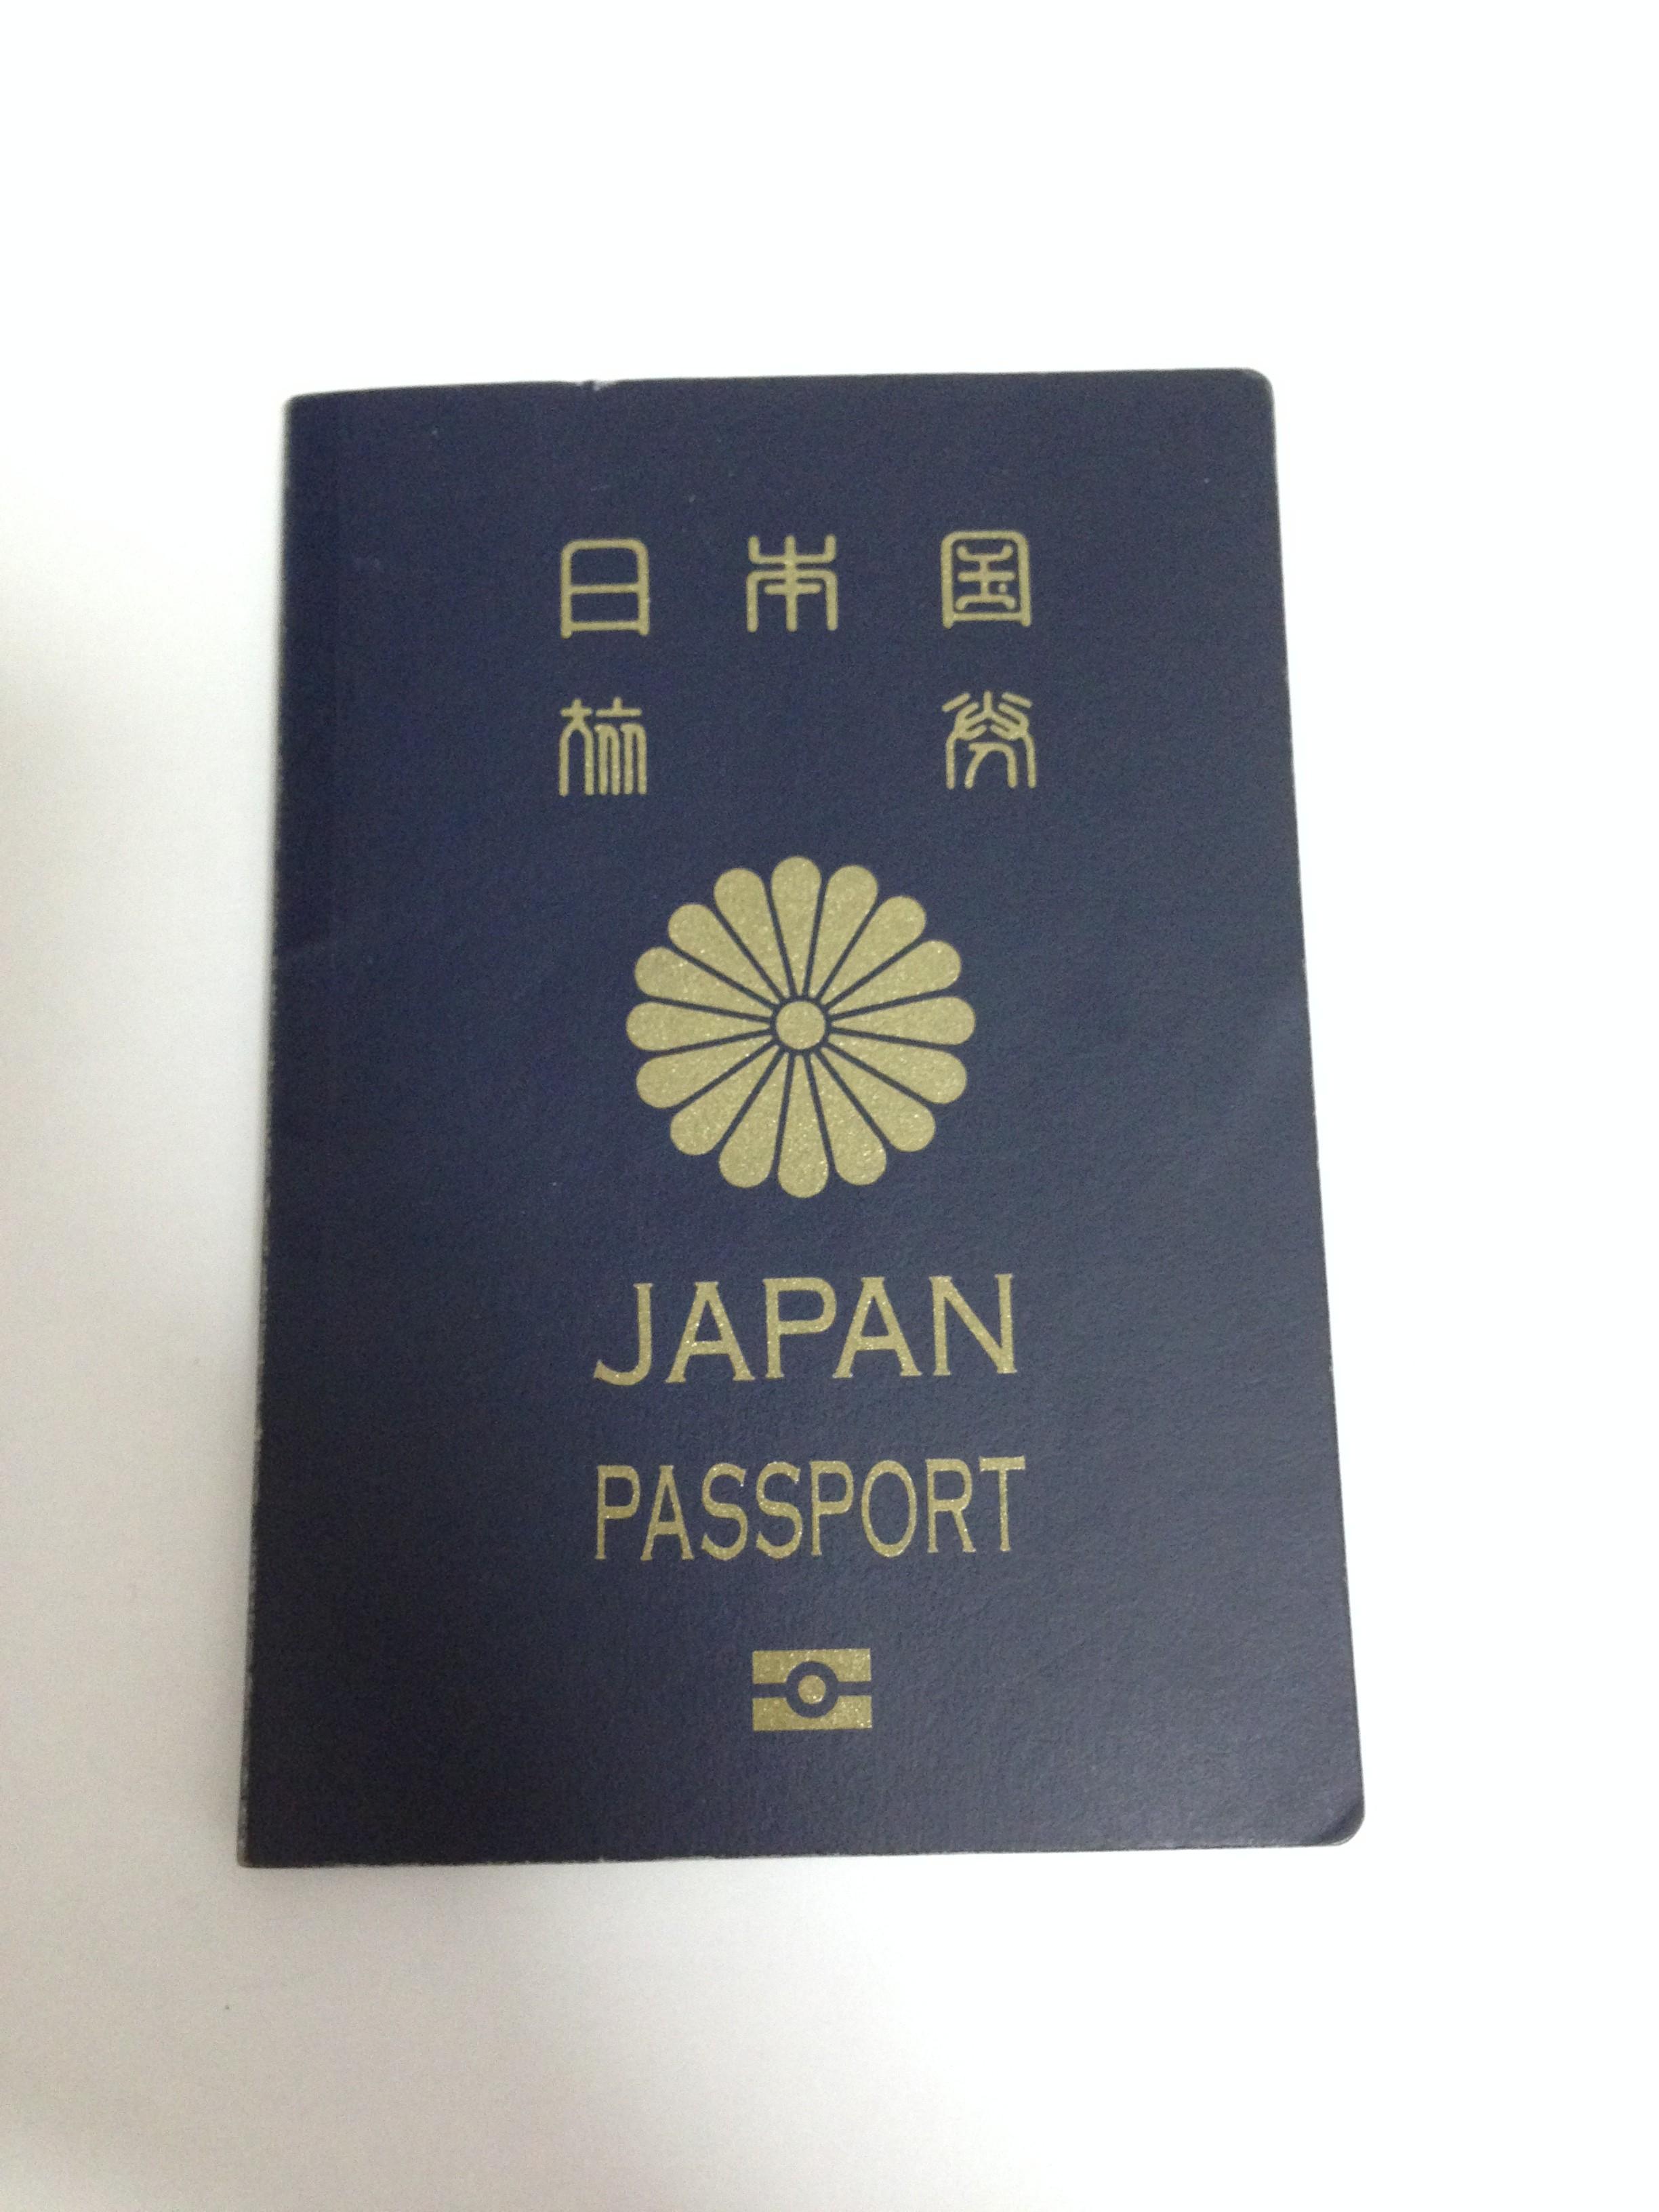 【クレジットカードは使える?】パスポートの発行にかかる手数料とその節約方法